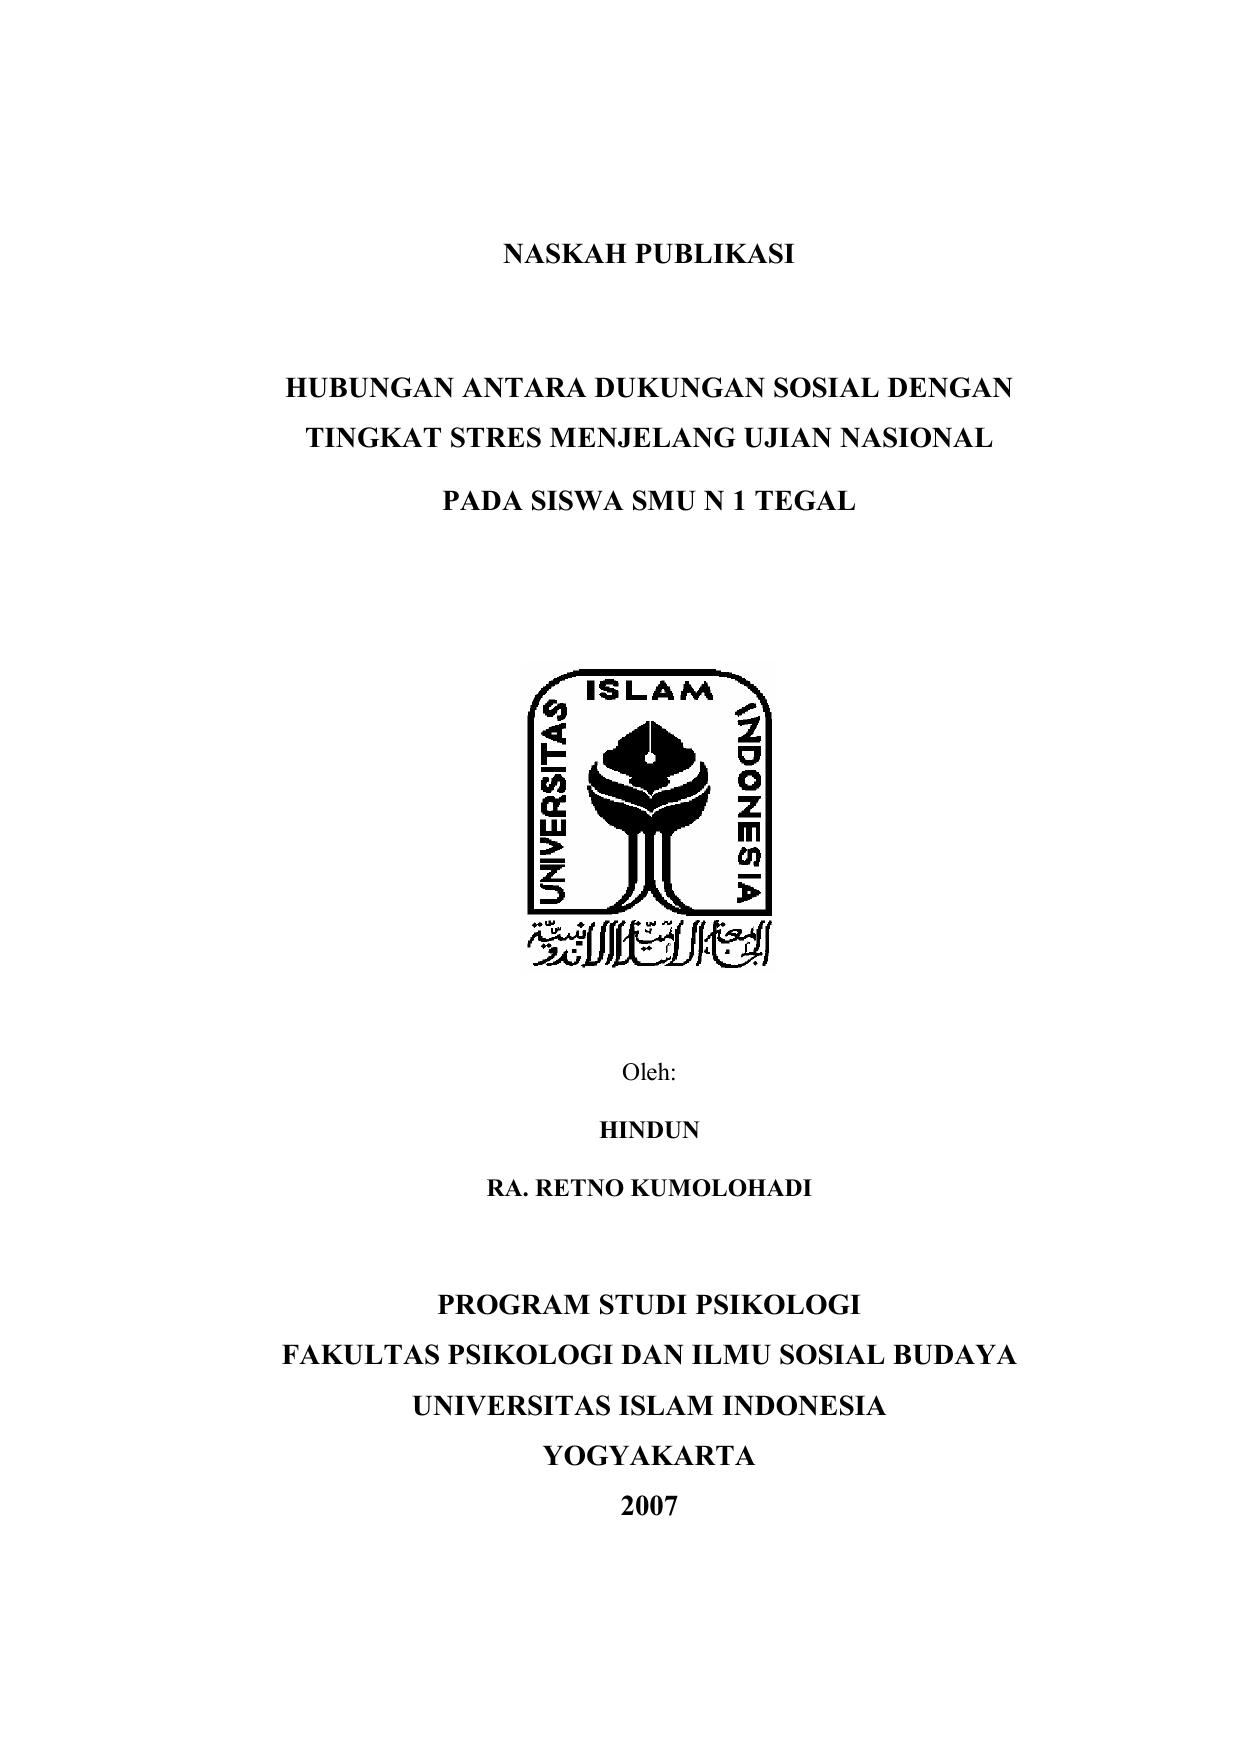 Naskah Publikasi Hubungan Antara Dukungan Sosial Dengan Tingkat